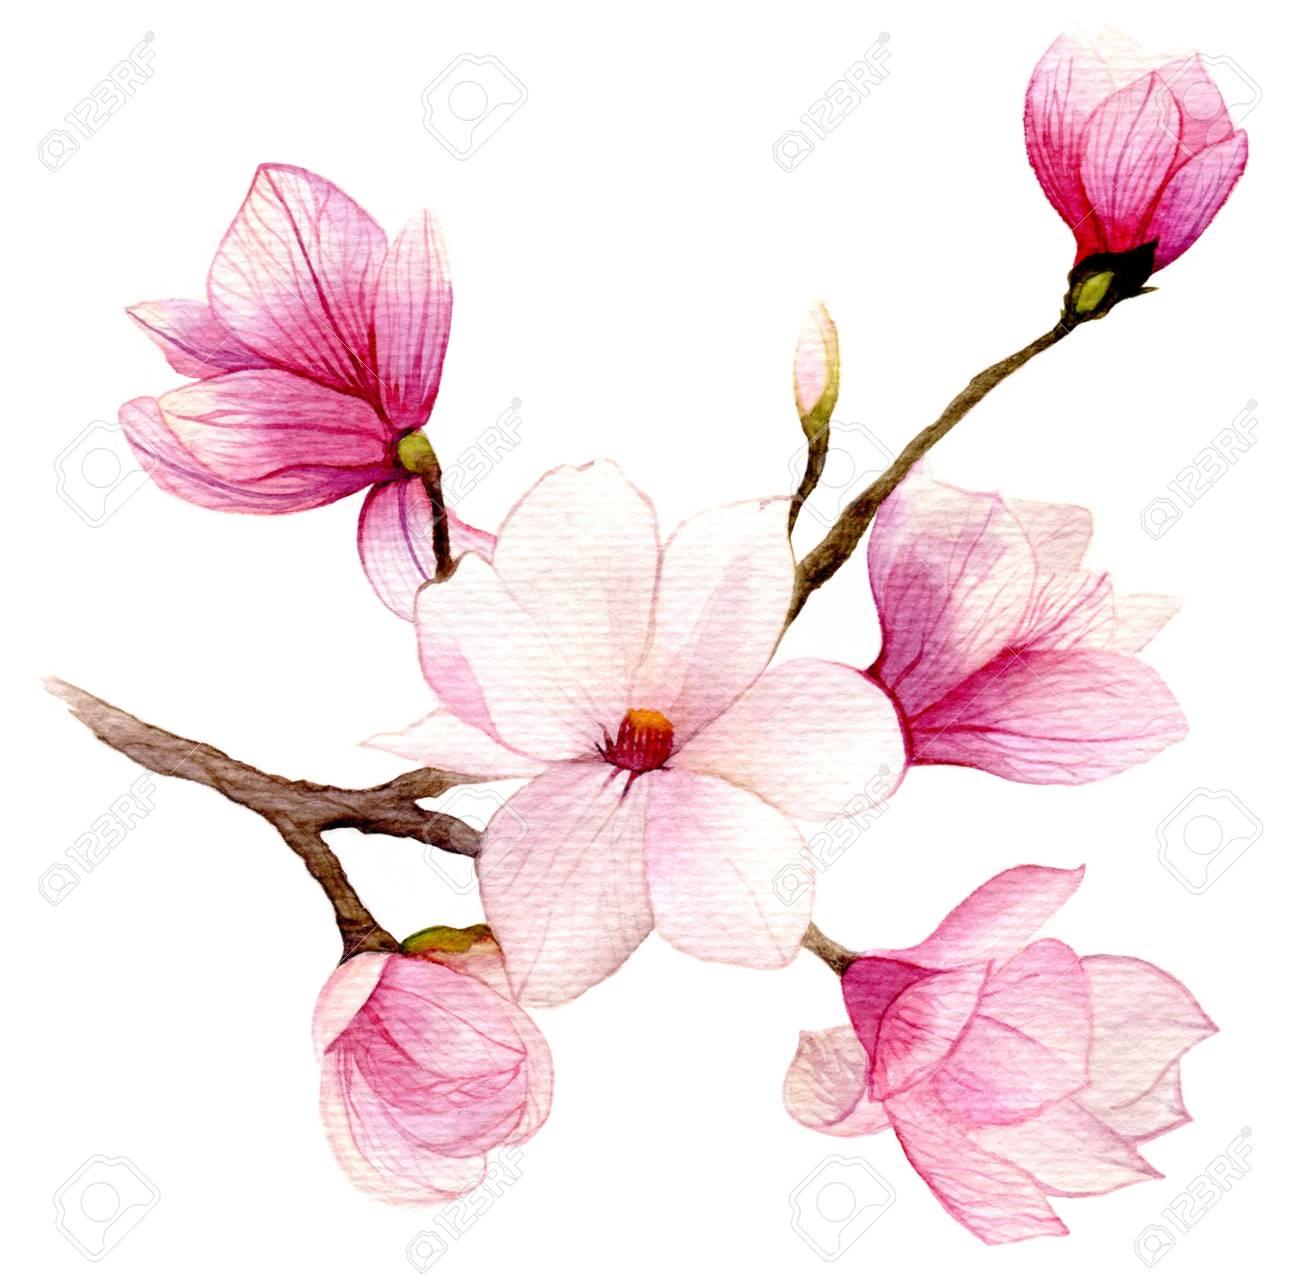 Fiori Acquerello.Spring Background With Watercolor Magnolia Flower Hand Drawn